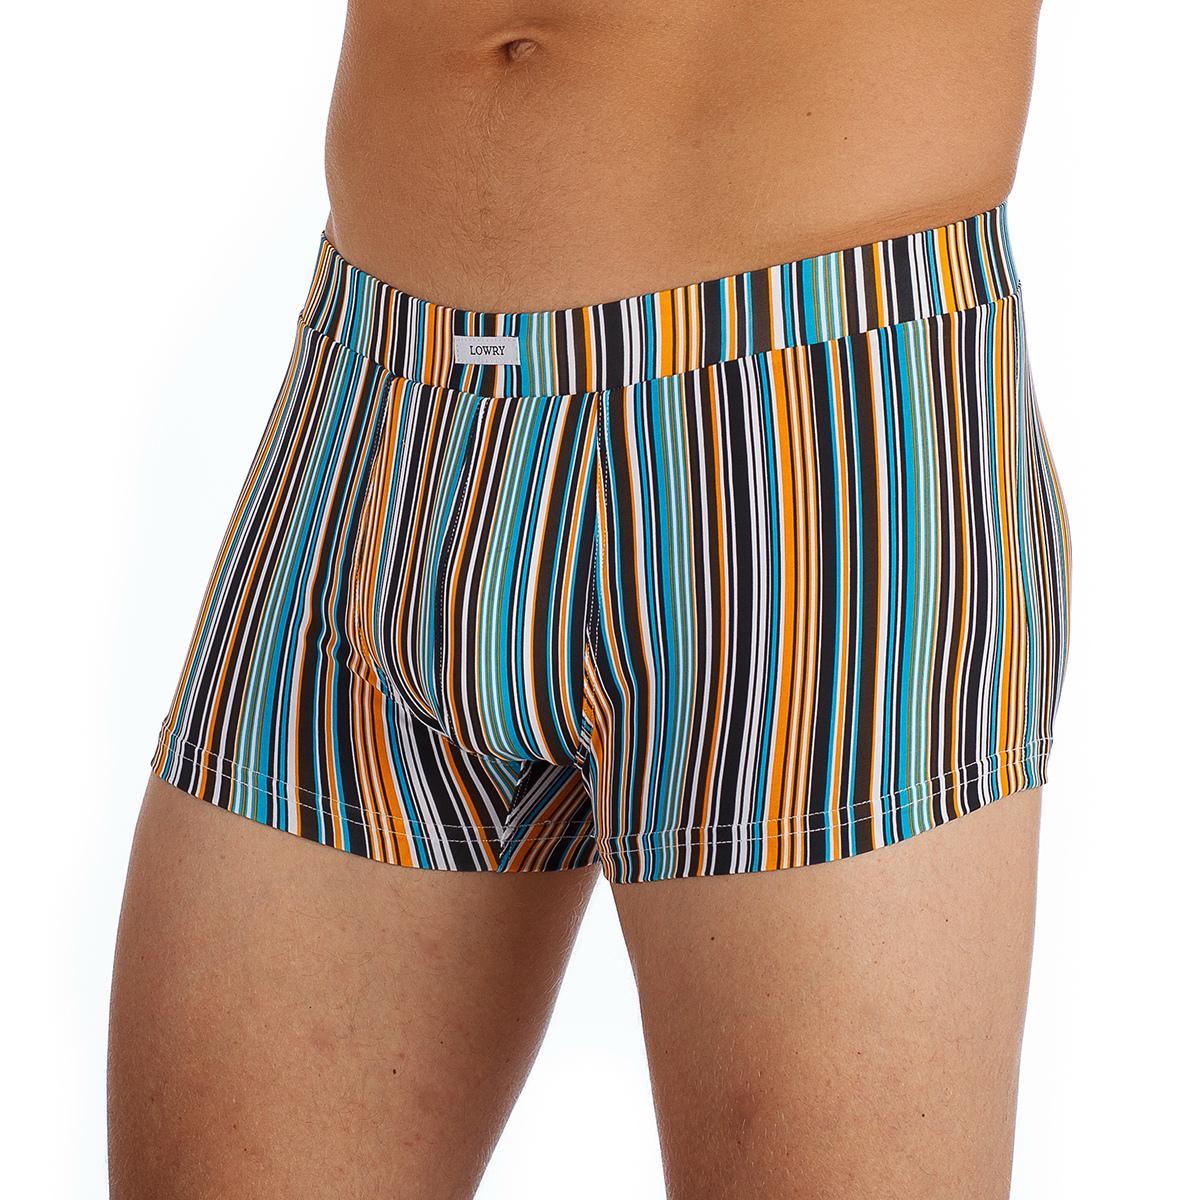 Трусы-хипсы мужские Lowry, цвет: белый, оранжевый, голубой, черный. MSHL-329. Размер M (46) трусы lowry трусы 3 шт